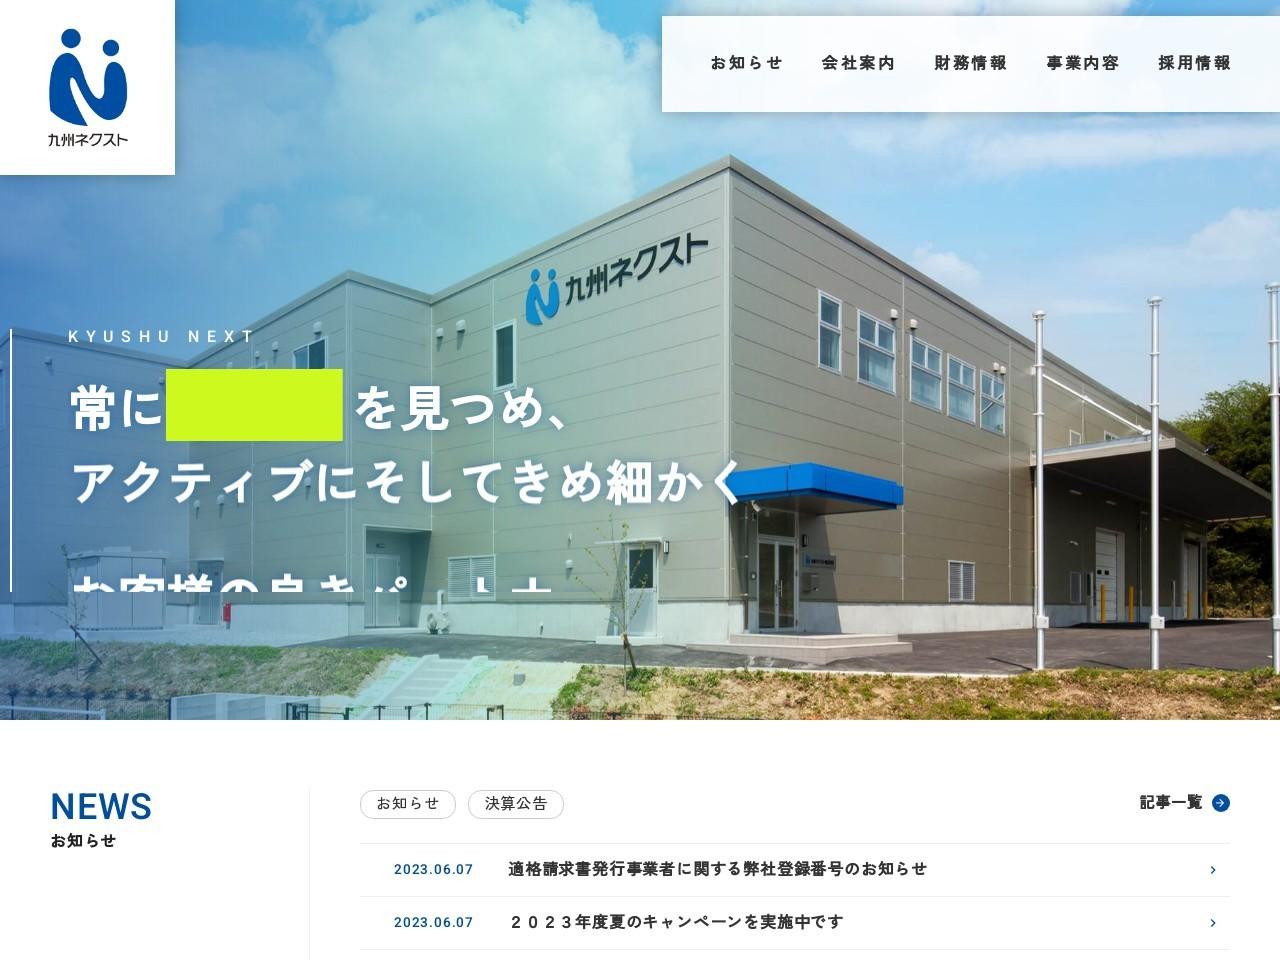 九州ネクスト株式会社